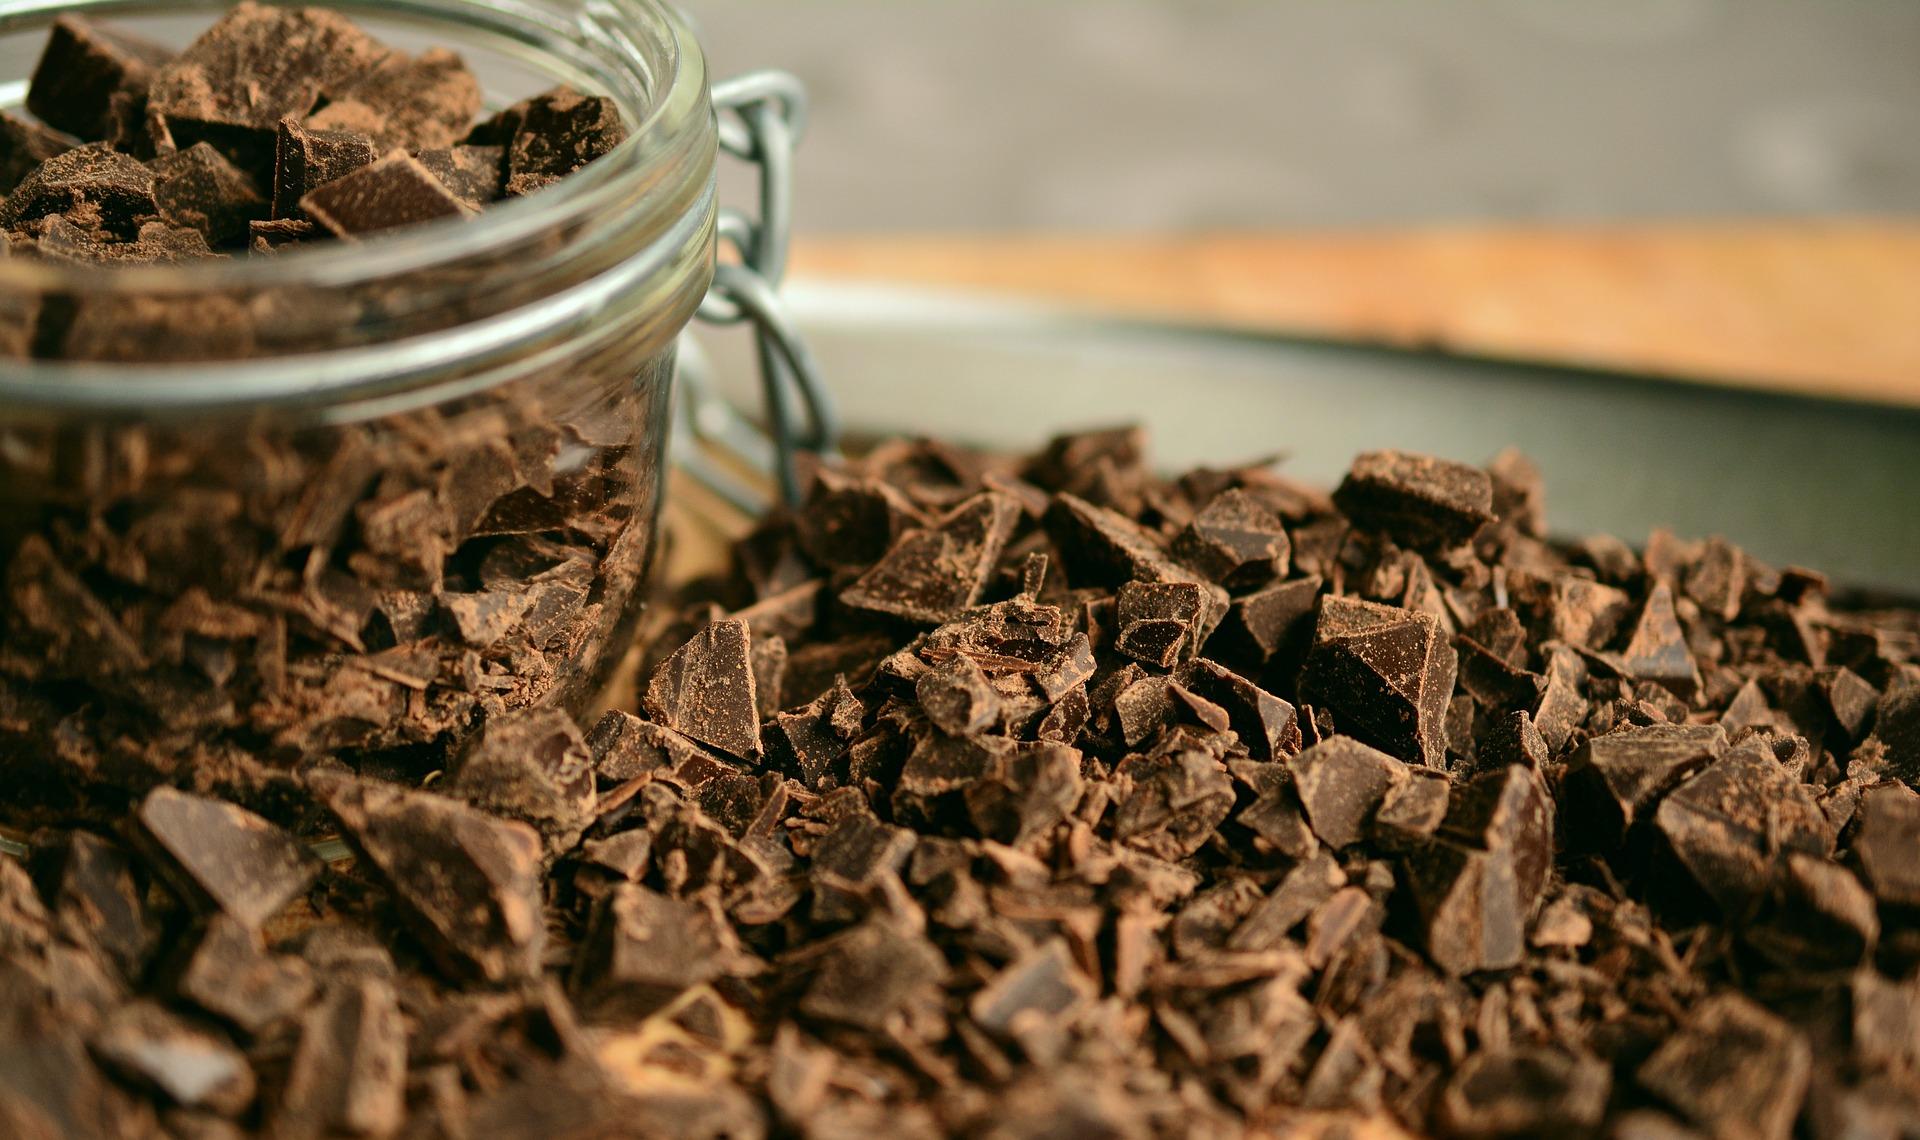 Charlie i fabryka czekolady – gra fabularna. Siemianowice Śląskie